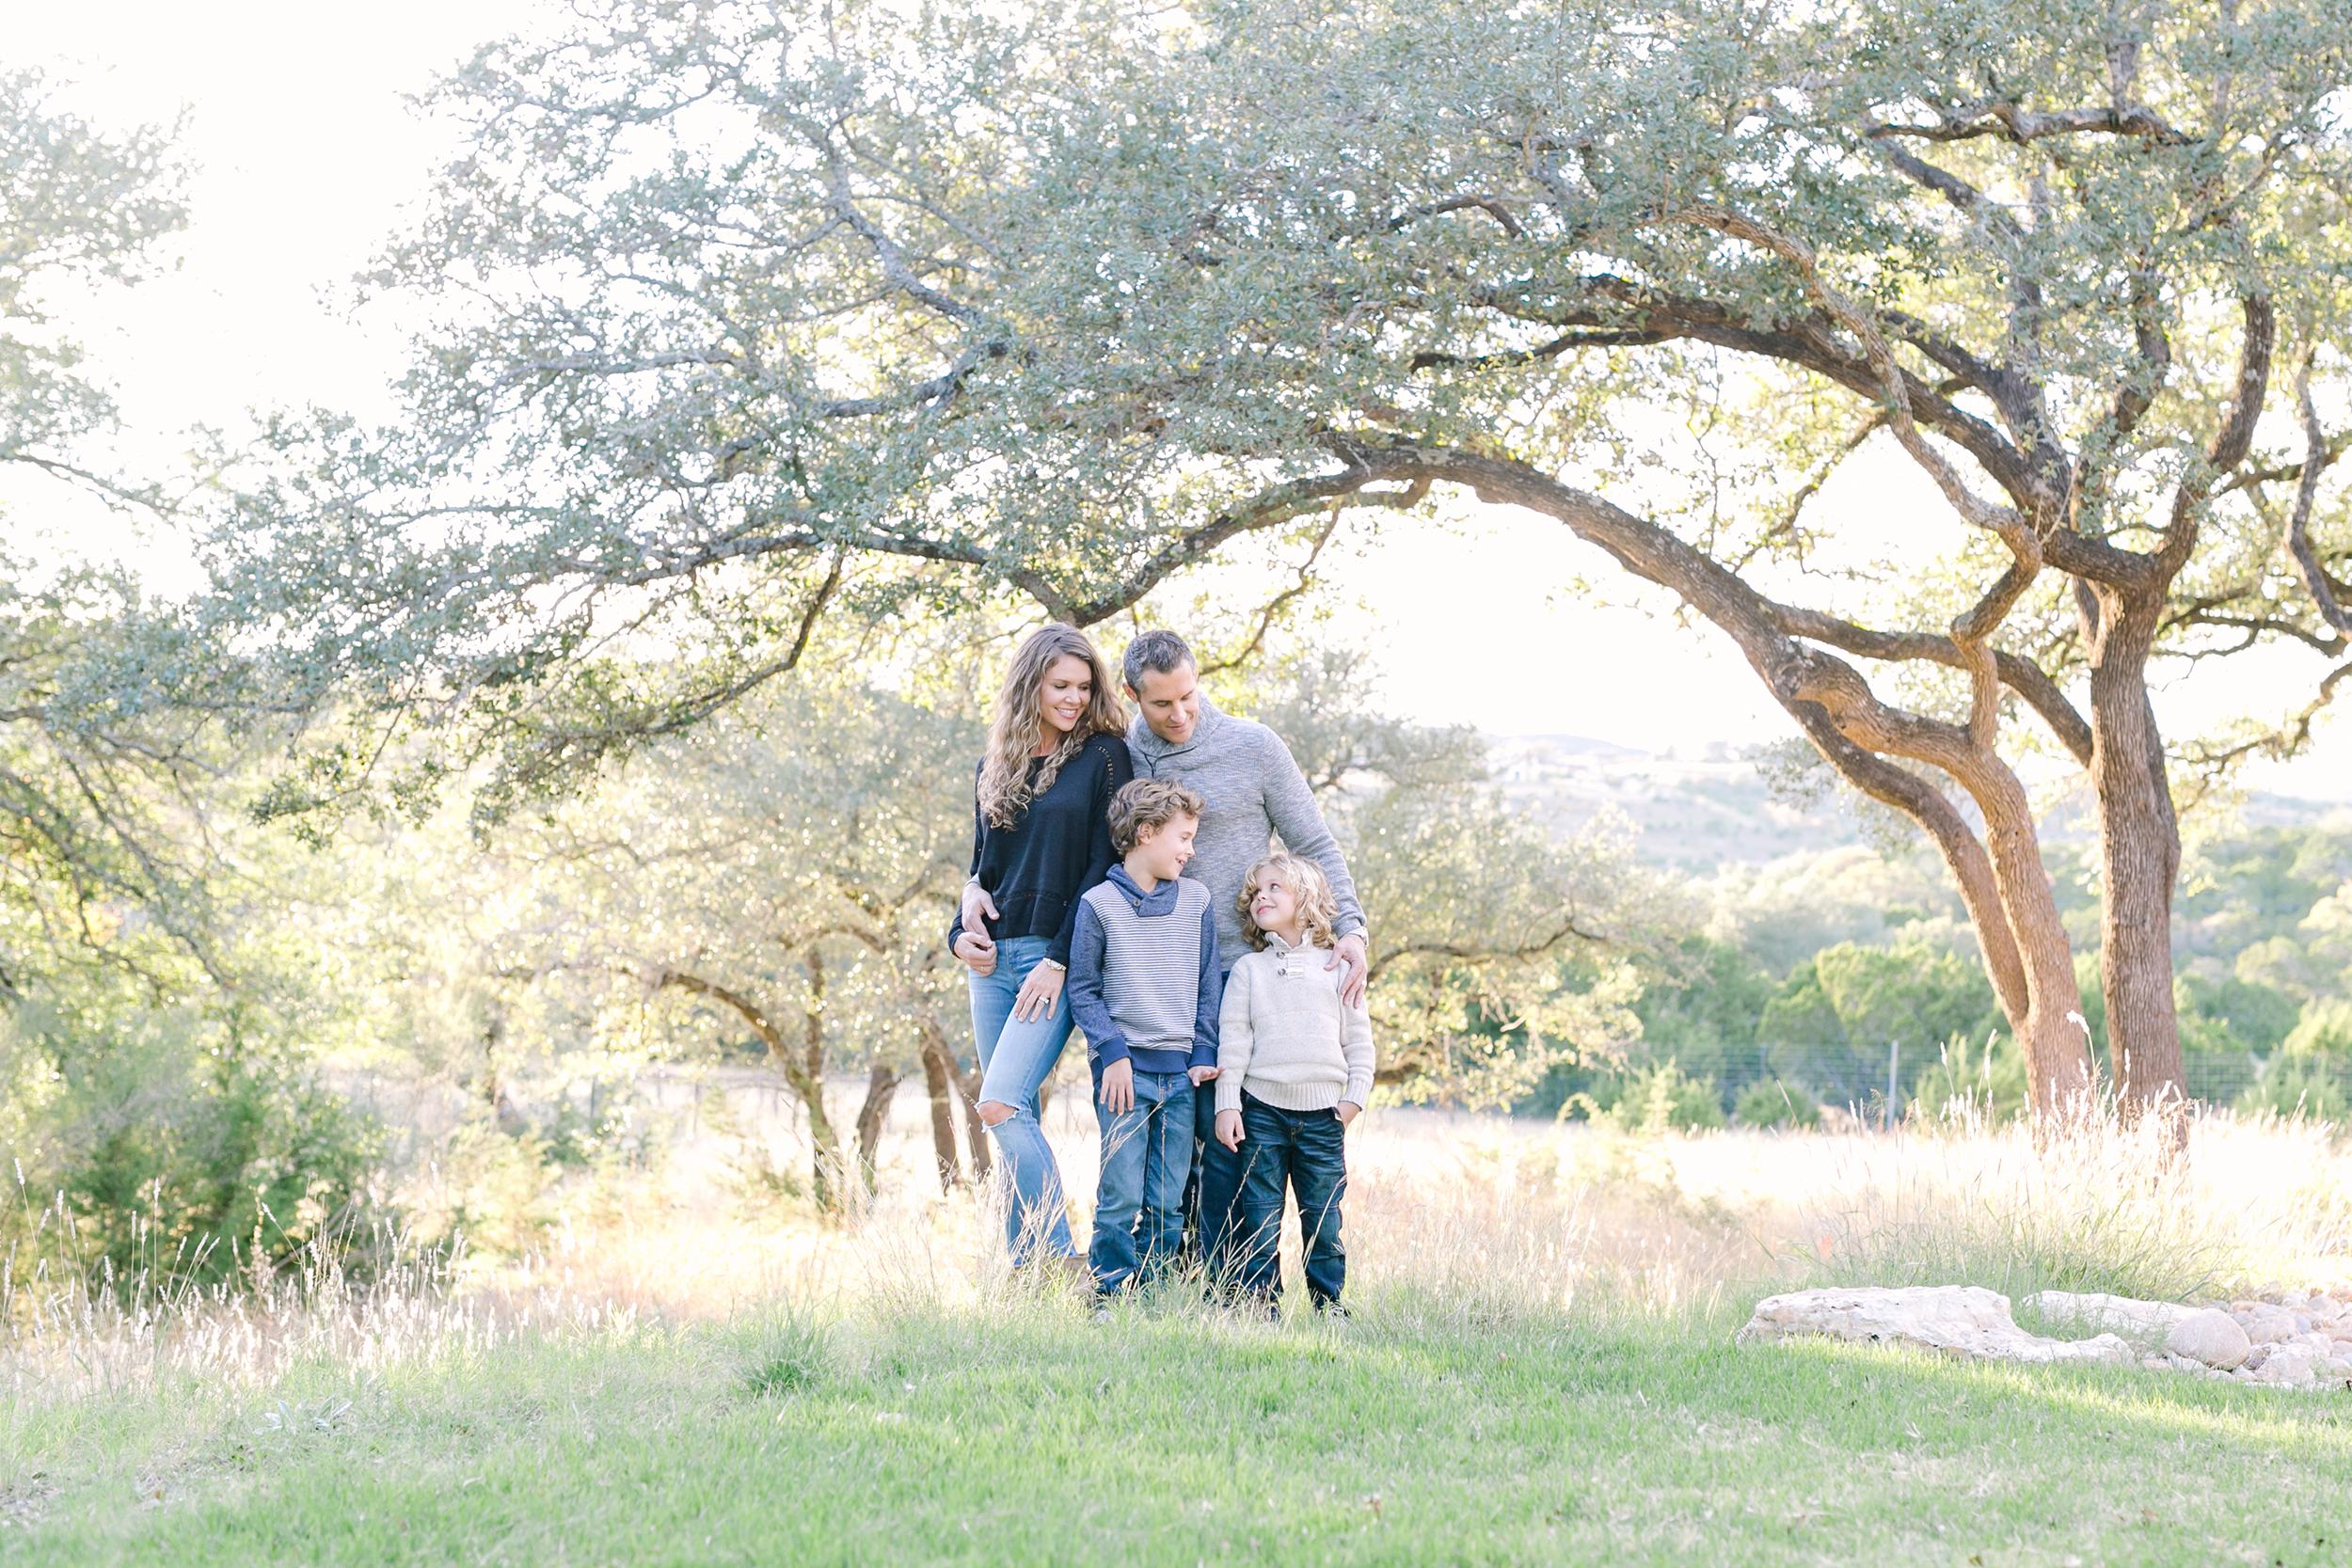 Austin_TX_Family_Photographer_KBP066.jpg